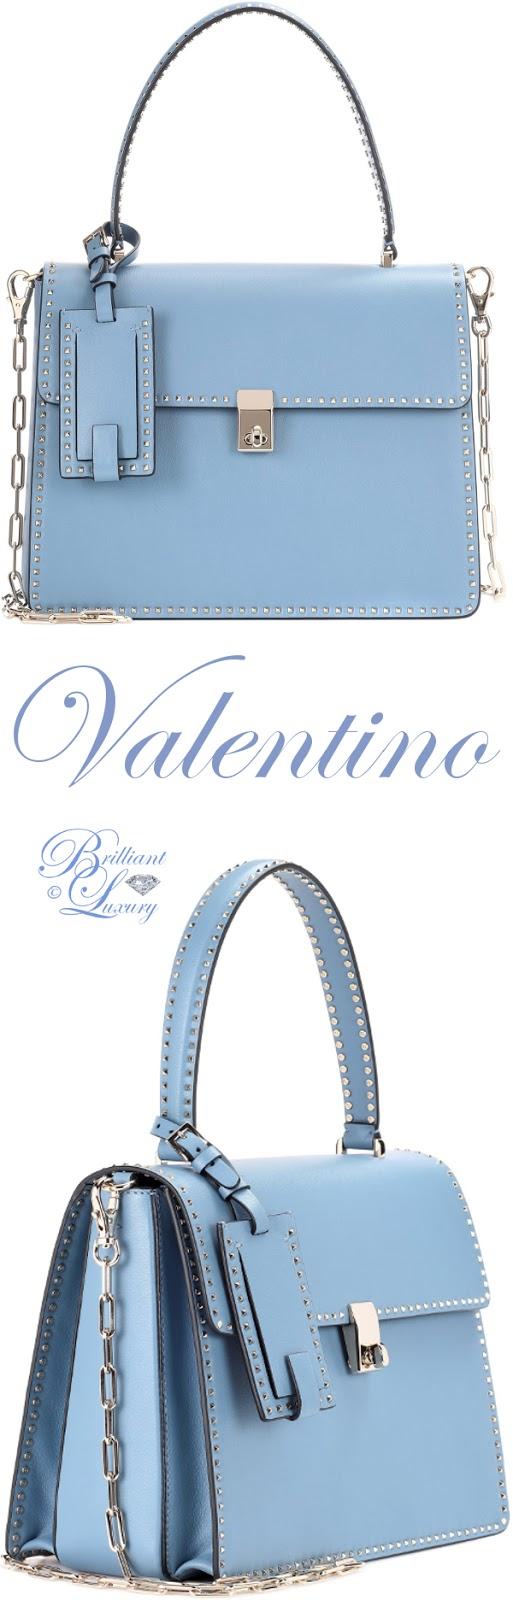 Brilliant Luxury ♦ Valentino Garavani Rockstud leather tote